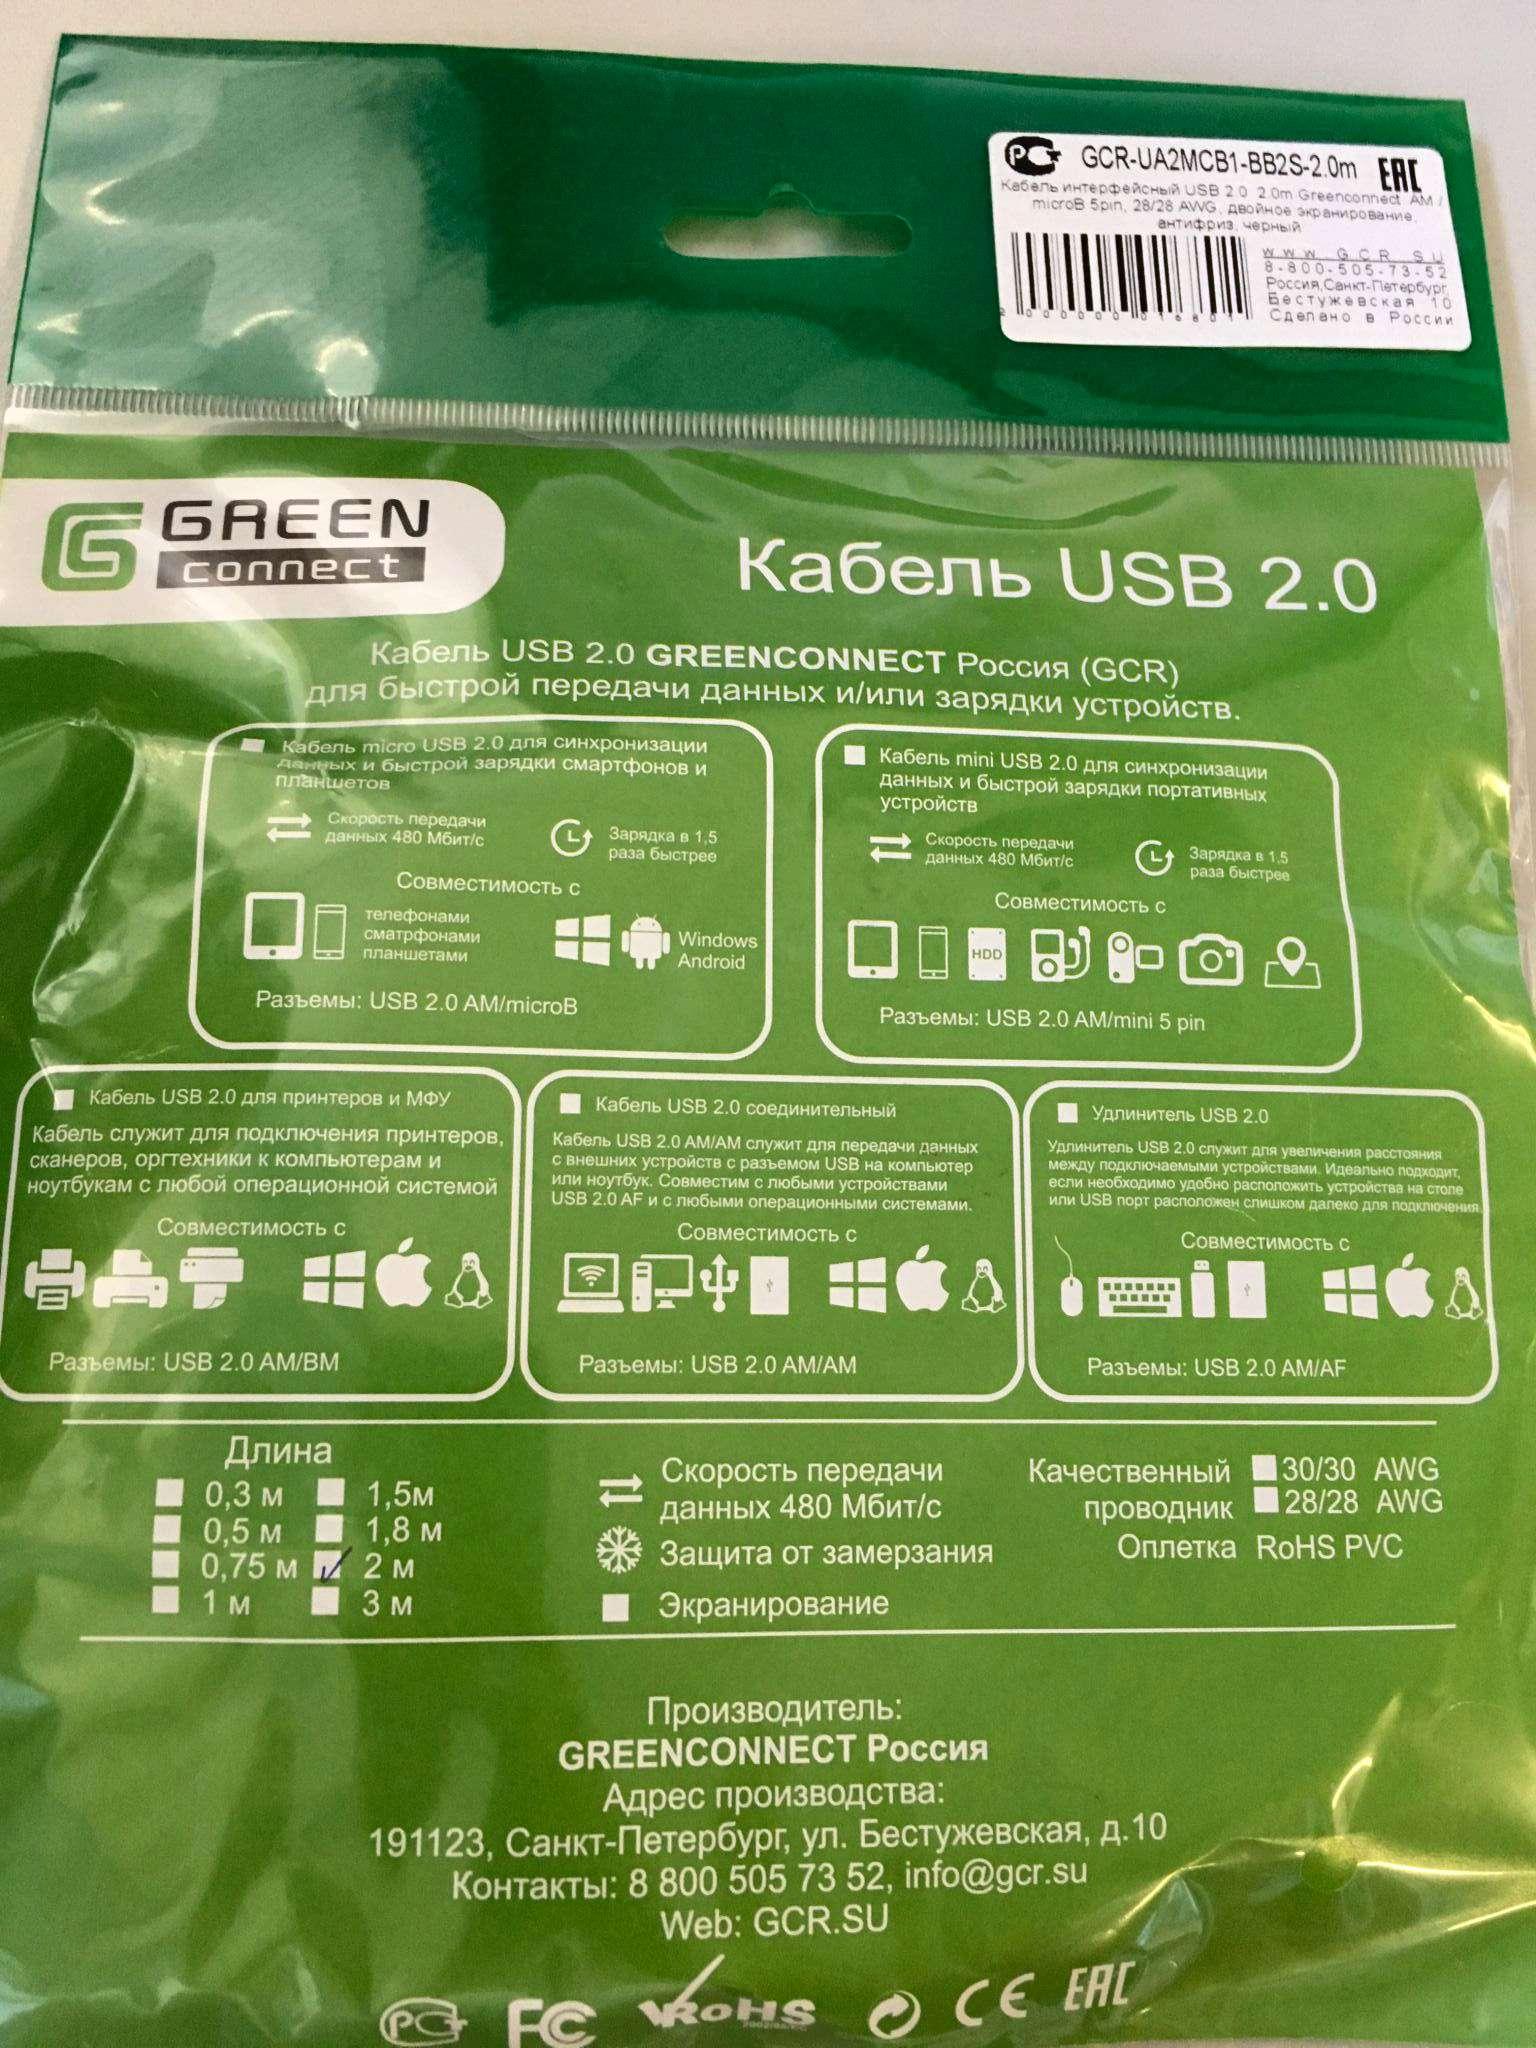 Greenconnect USB 2.0 AM-mini 5pin 1.0m Black GCR-UM2M5P-AAS-1.0m